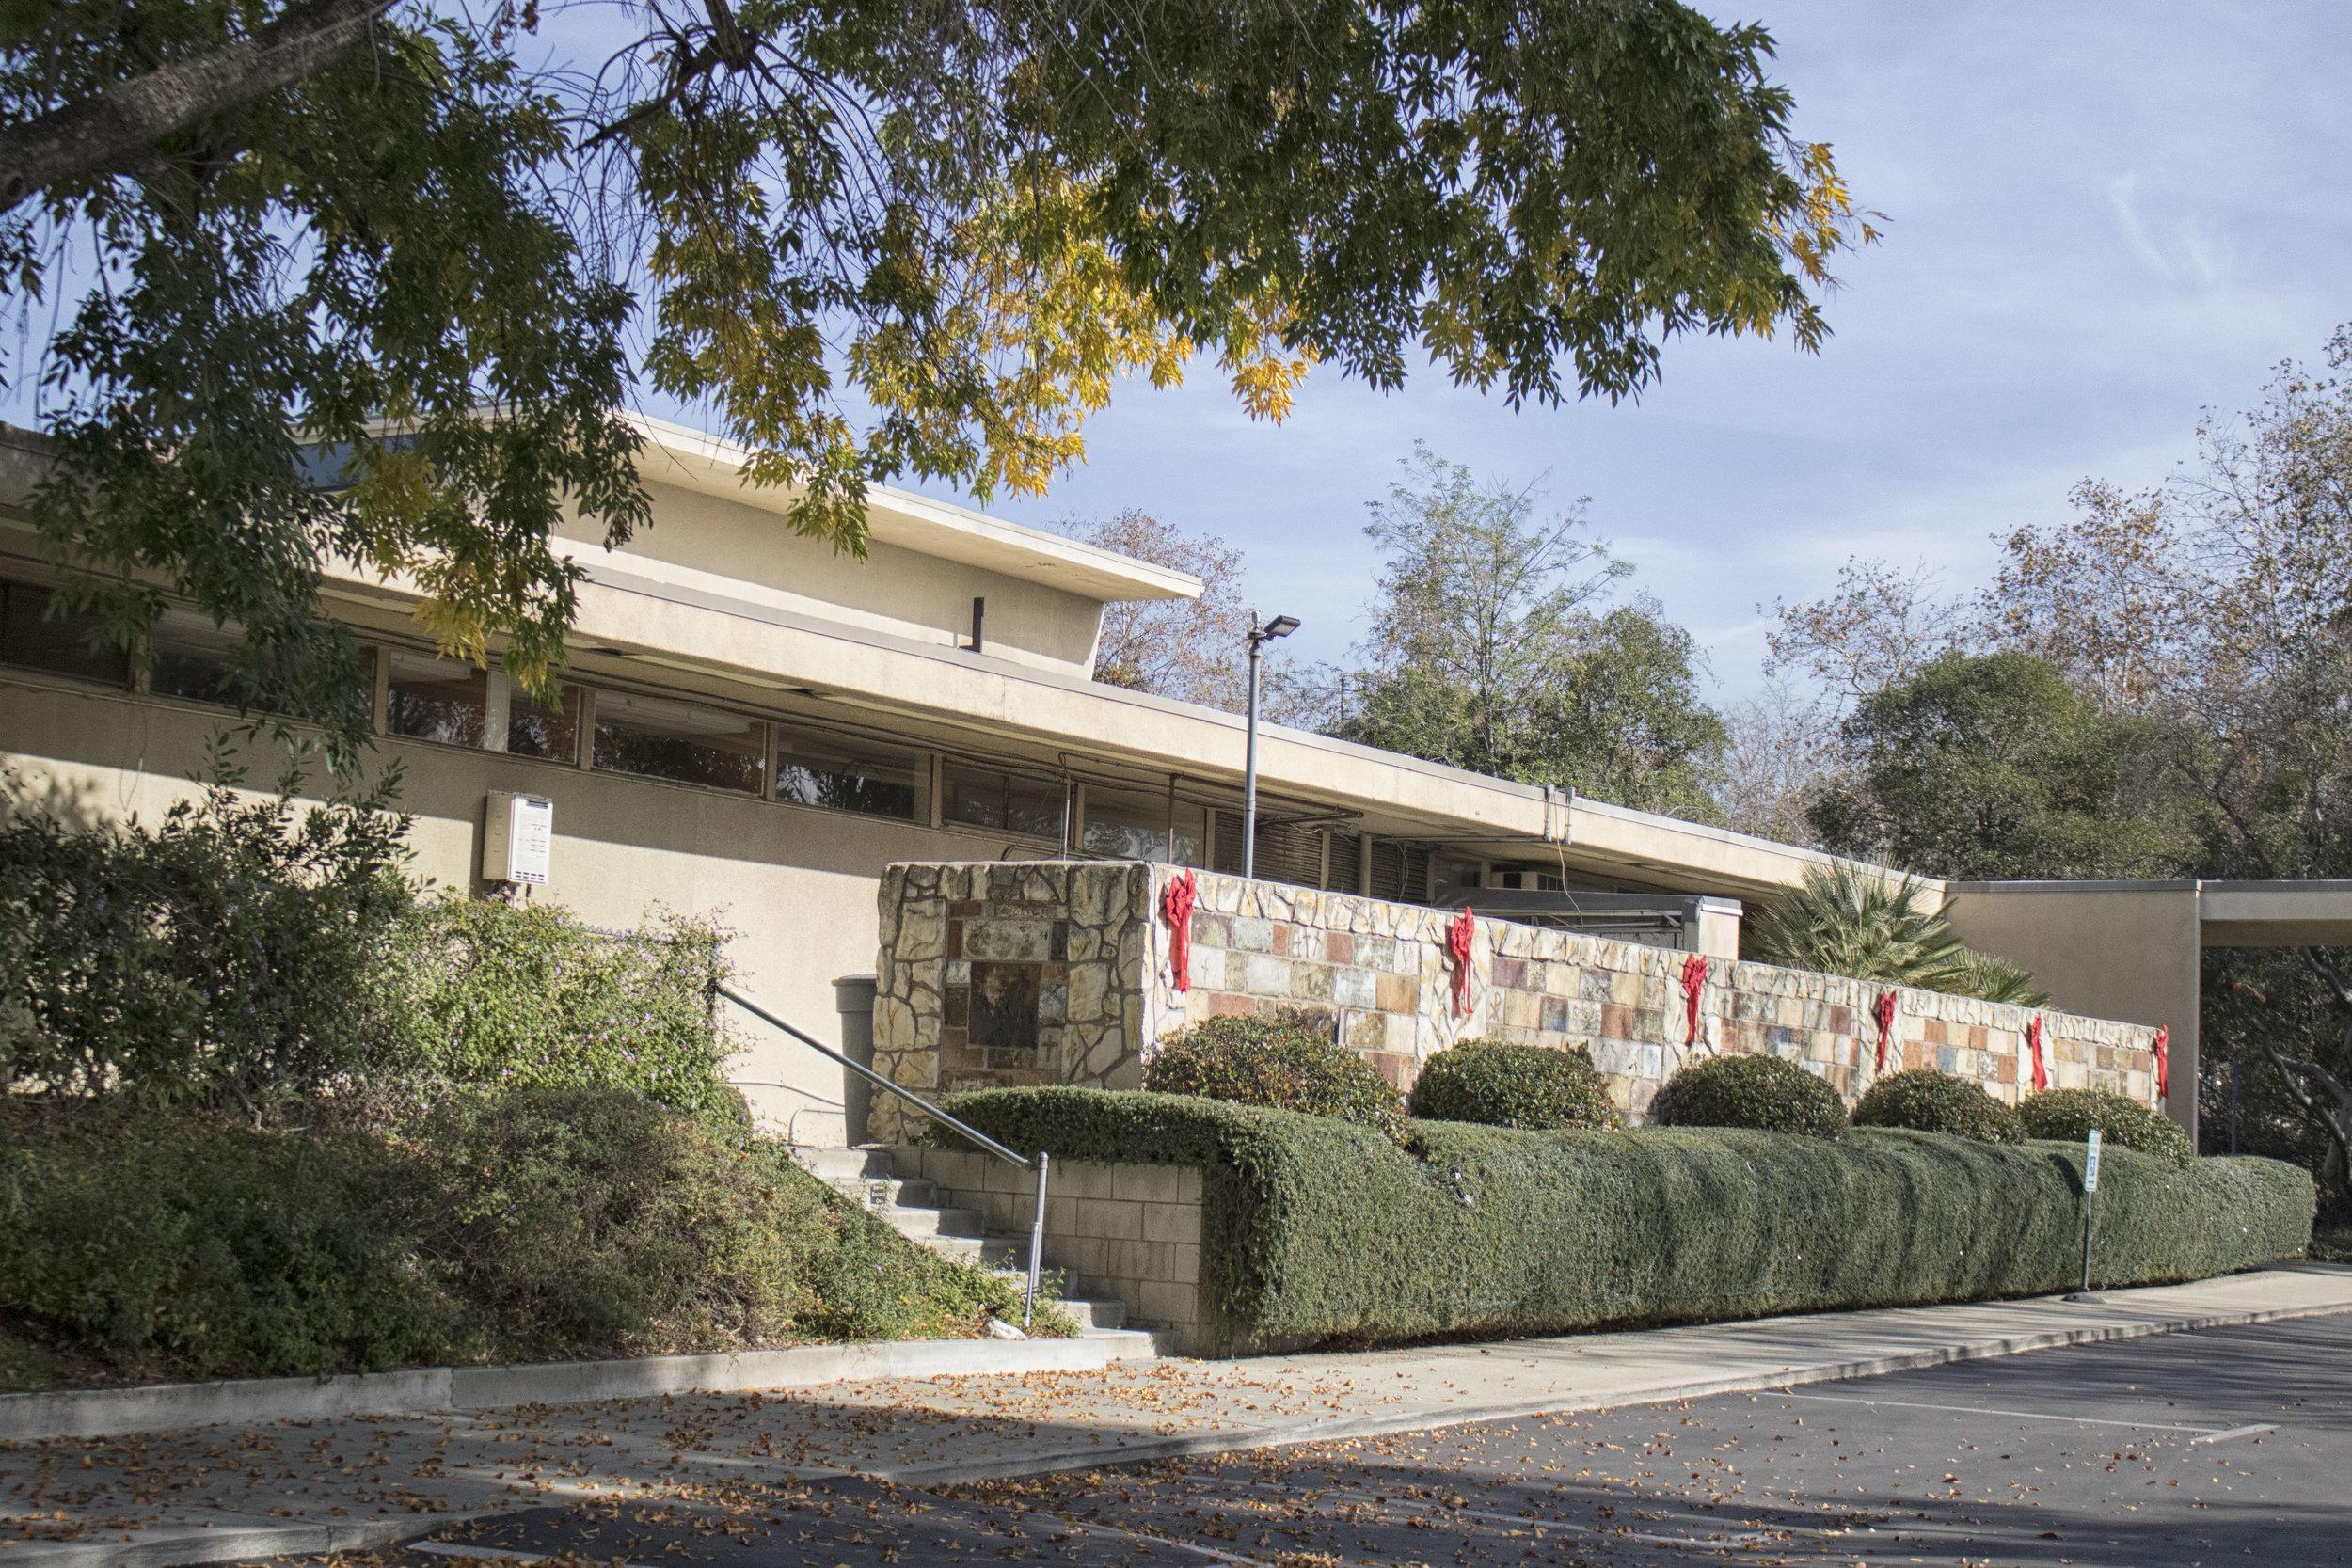 Claremont UMC at Christmas (Claremont, CA)